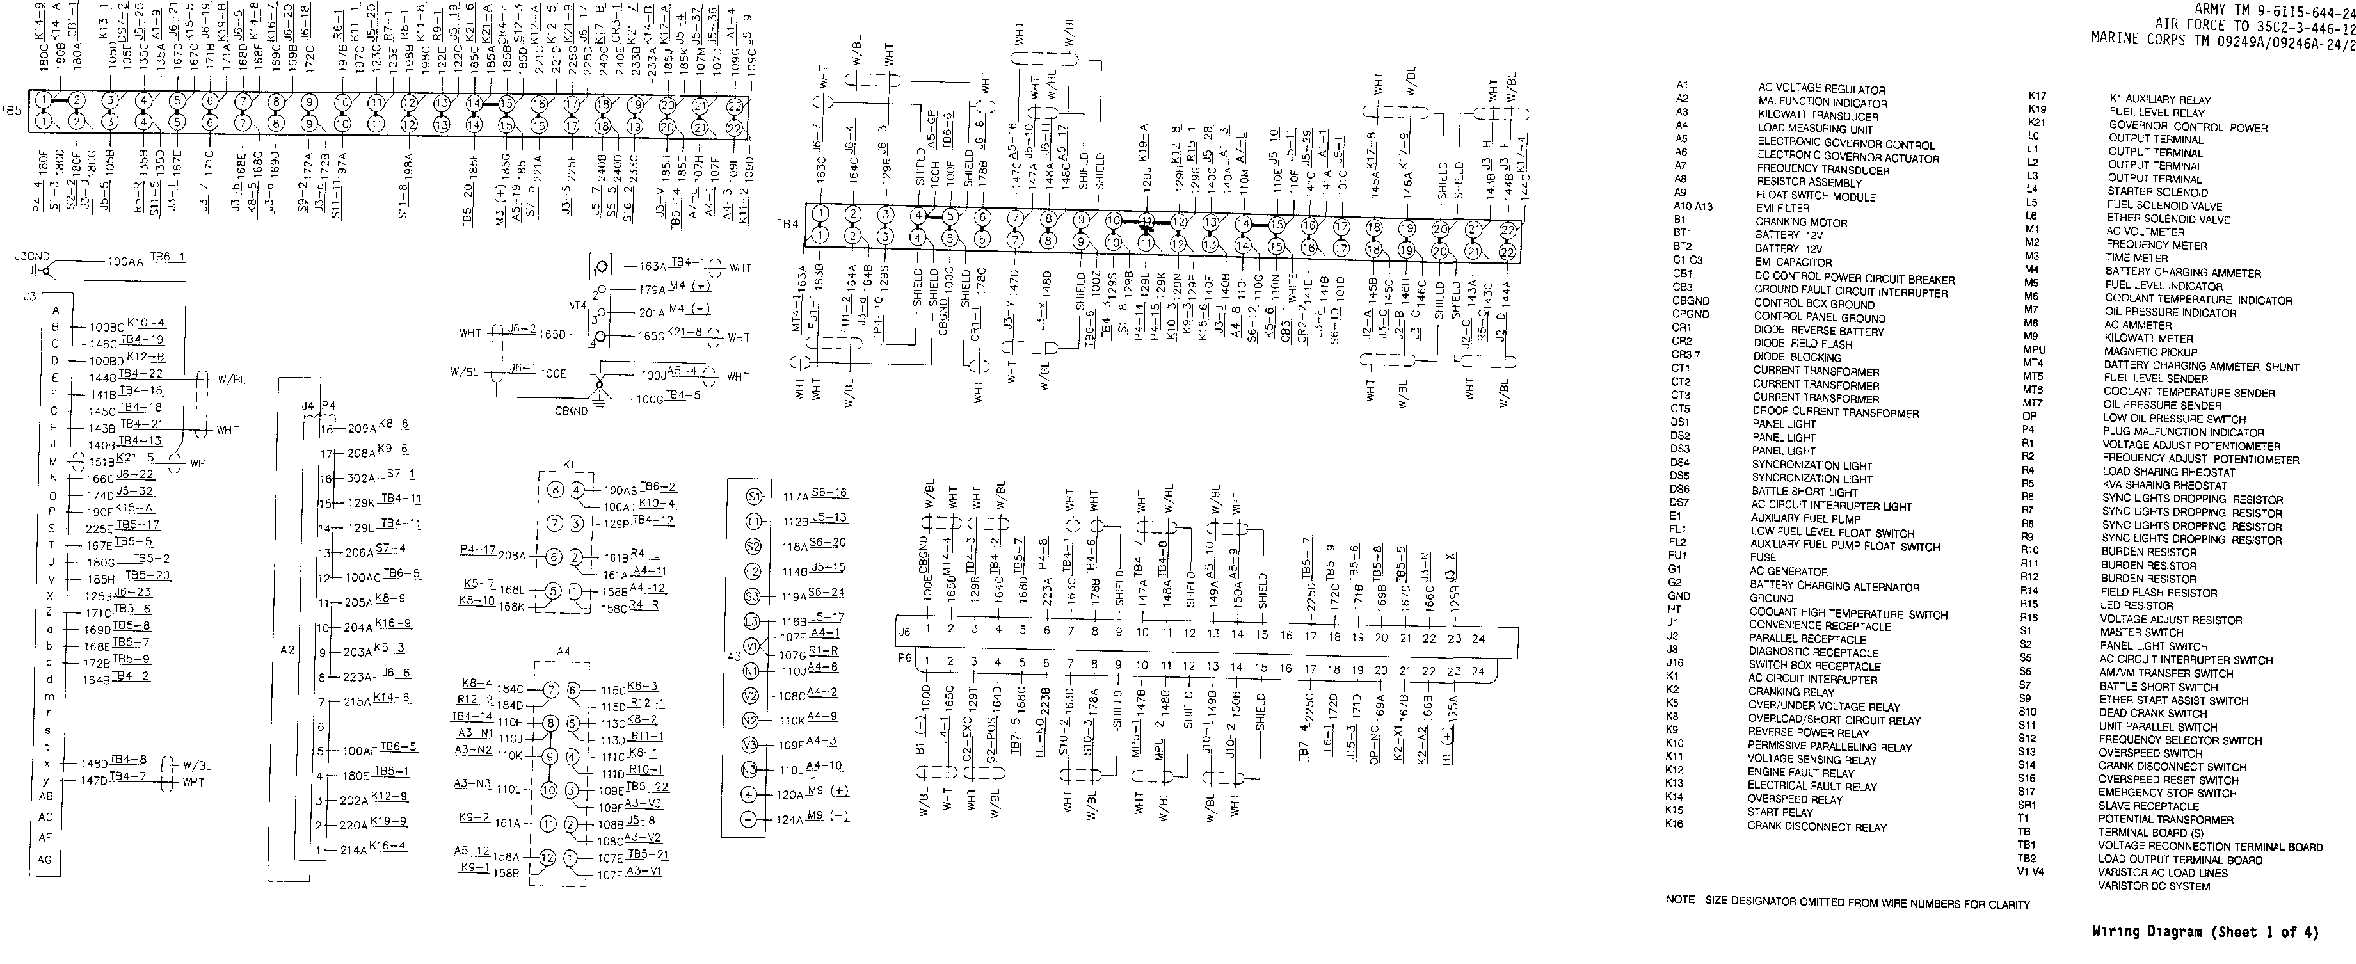 Fo 2 Wiring Diagram Sheet 1 Of 4